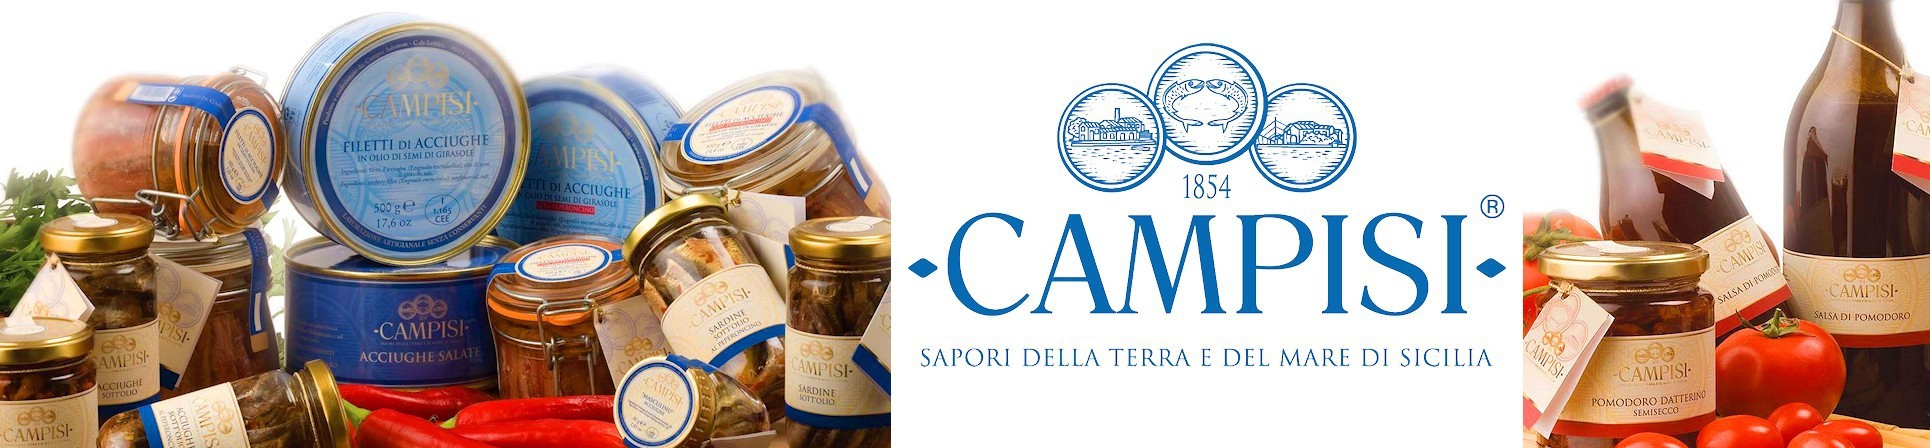 B2B GUSTOX - il Marketplace all'ingrosso delle eccellenze agroalimetari italiane - CAMPISI Conserve